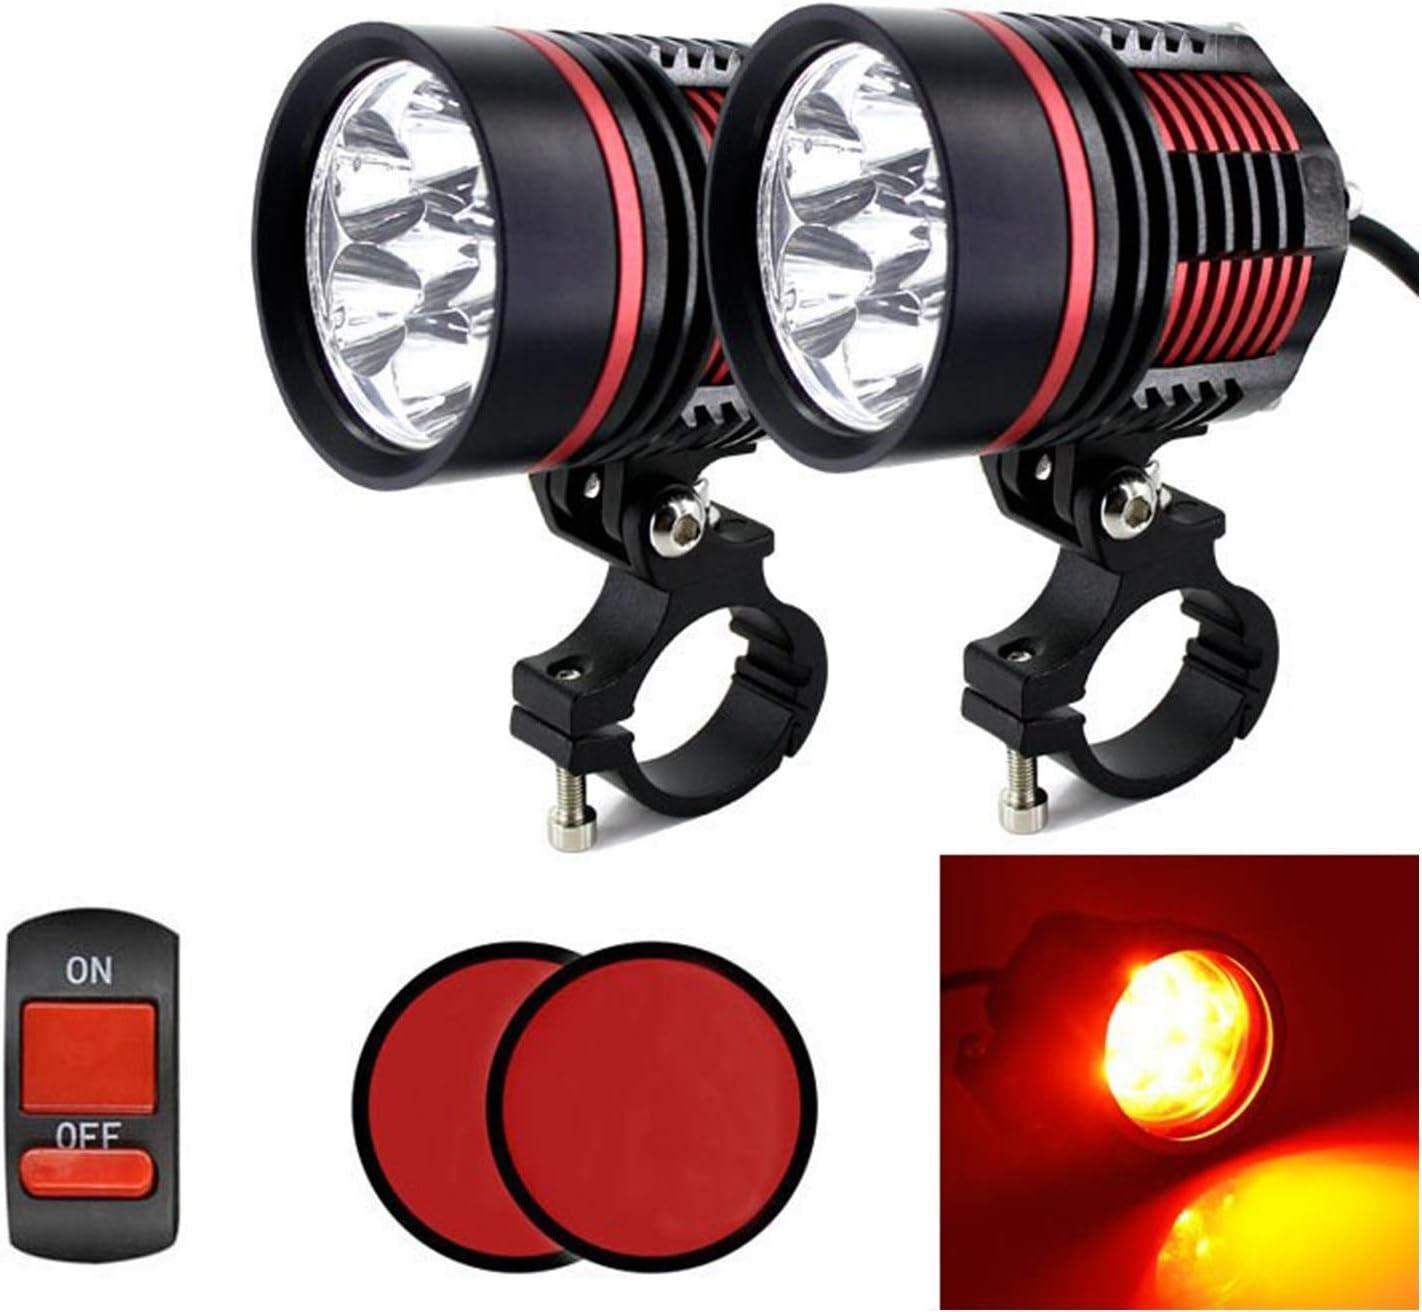 2 Piezas de luz de Alta Potencia de 60W 8000LM Motocicleta Faro del Punto 2X XM-L T6 LED de luz de Carretera con Interruptor de Niebla Color : Black